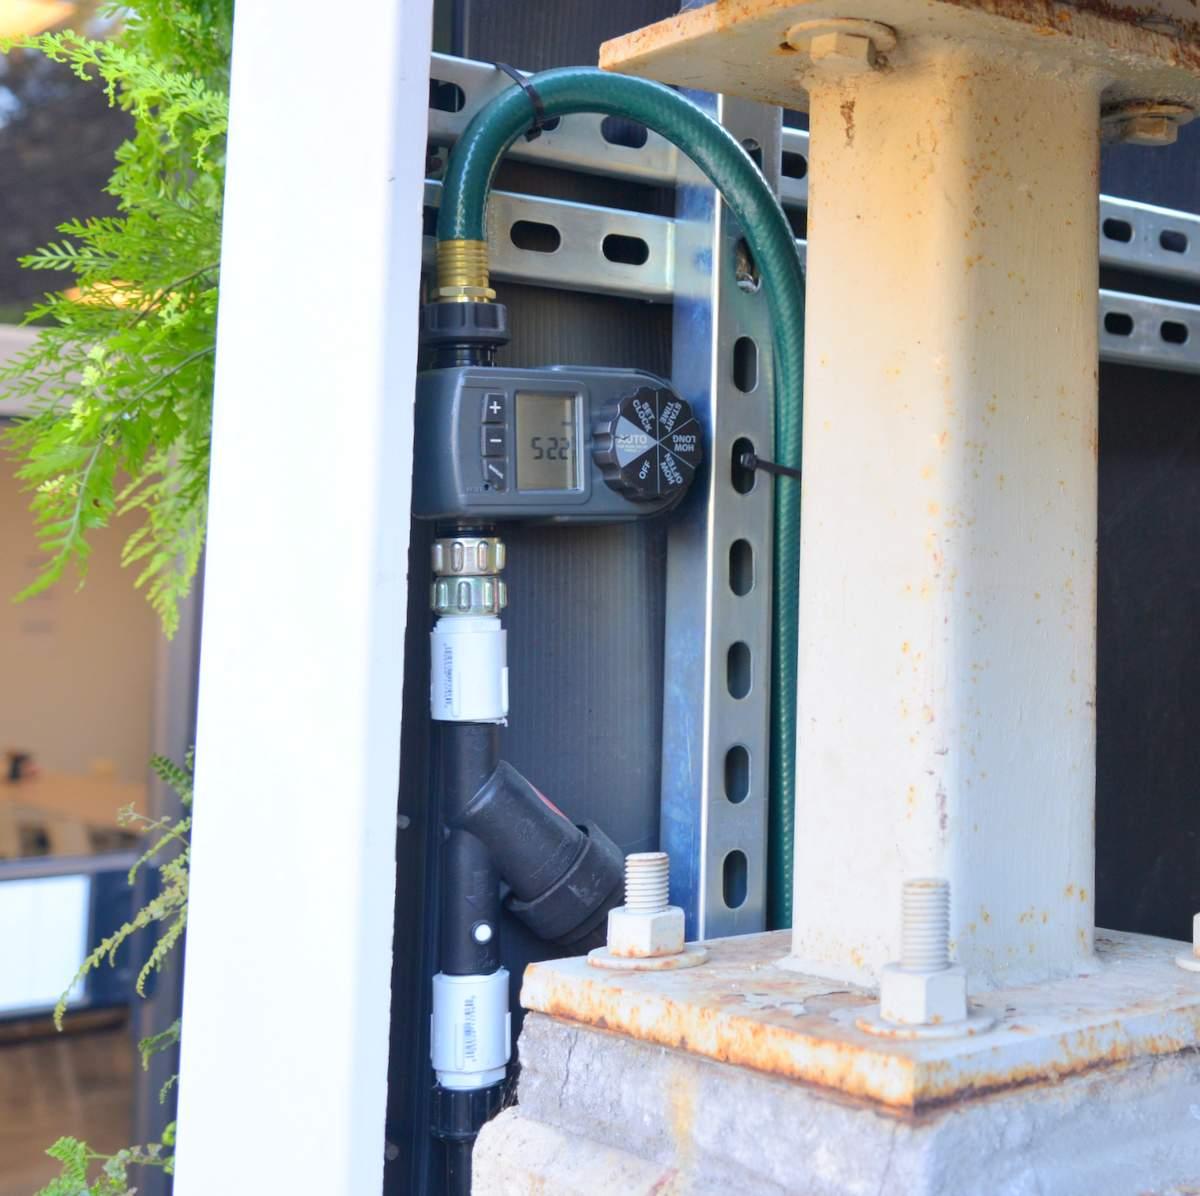 Florafelt-Drip-Irrigation-Orbit-Digital-Hose-Timer-Regulator-Filter-CJB_0607.jpg